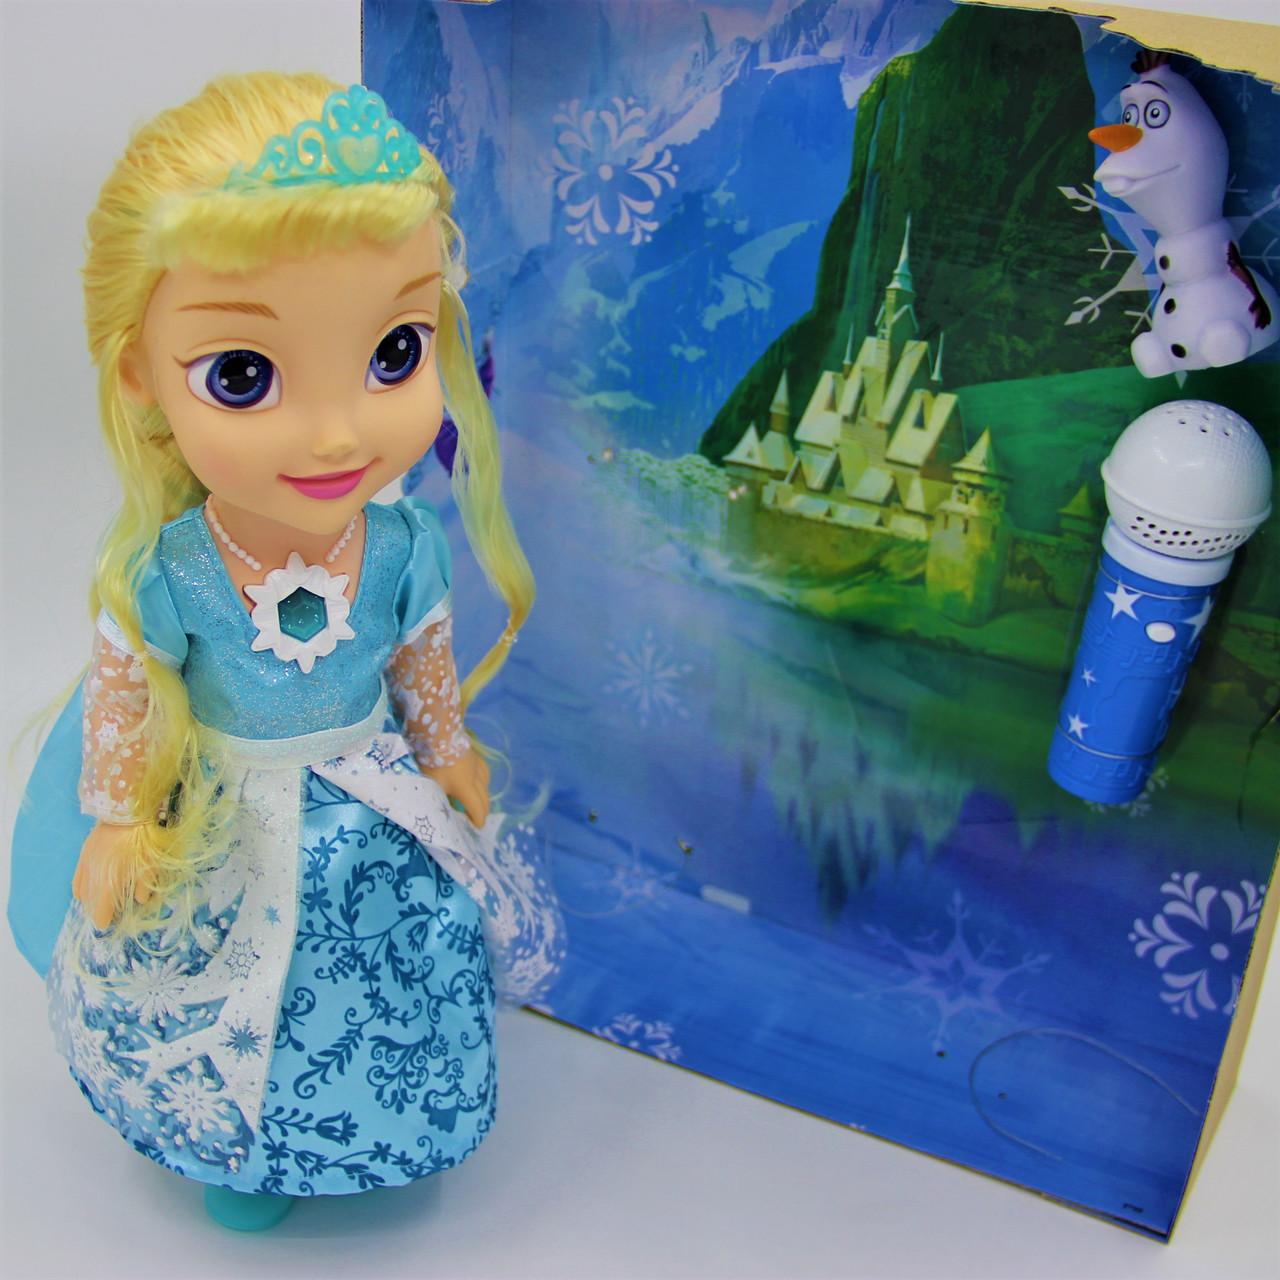 """Кукла """"Холодное сердце"""" Эльза и Олаф с микрофоном - фото 2"""